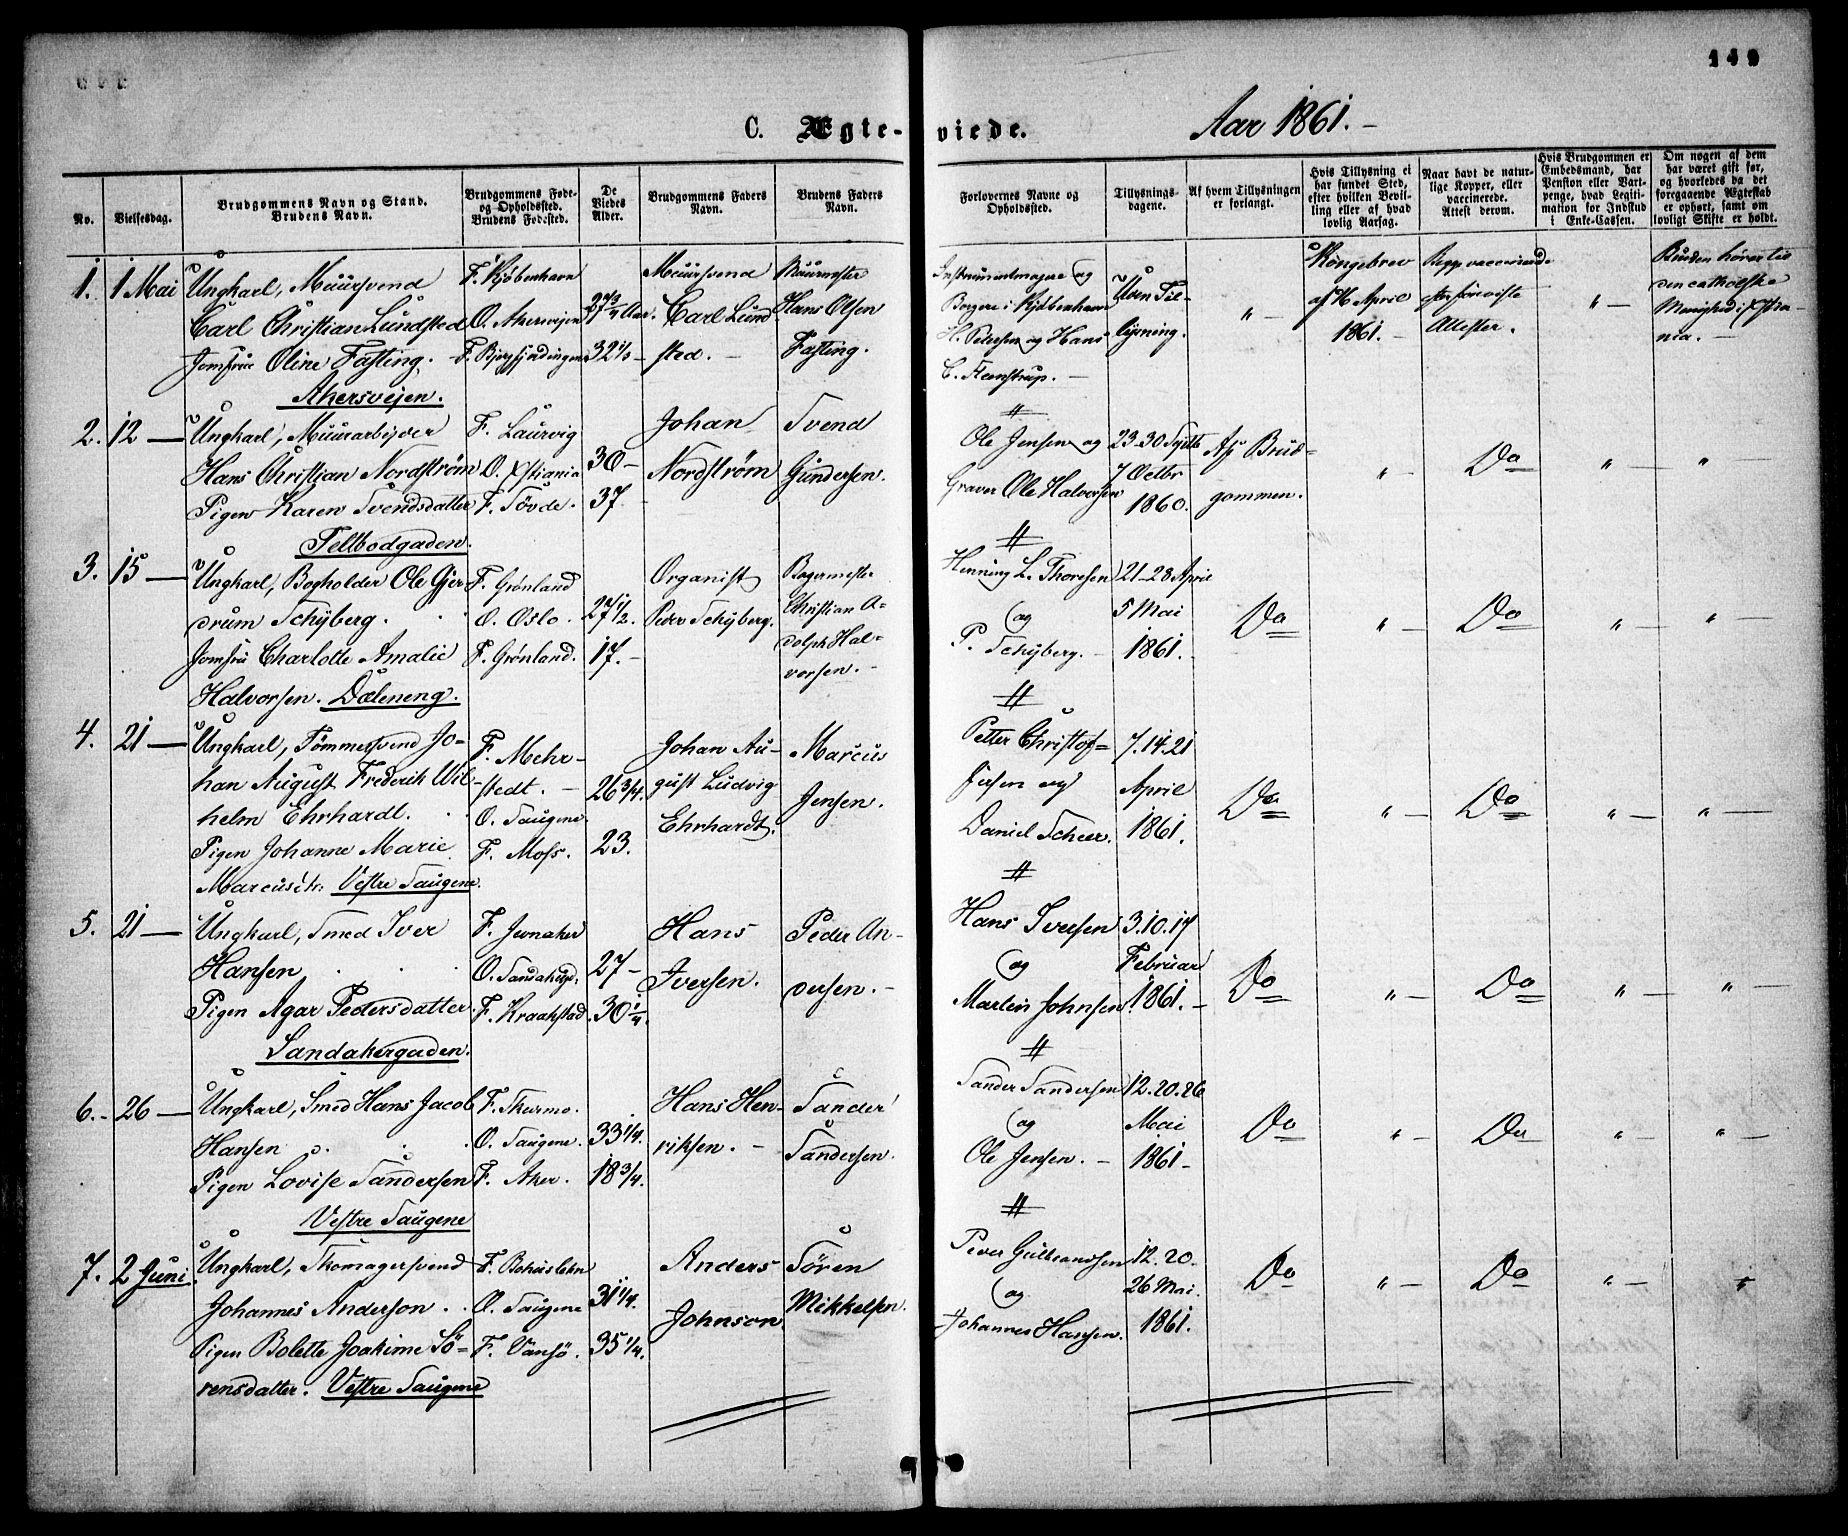 SAO, Gamle Aker prestekontor Kirkebøker, F/L0001: Ministerialbok nr. 1, 1861-1865, s. 149